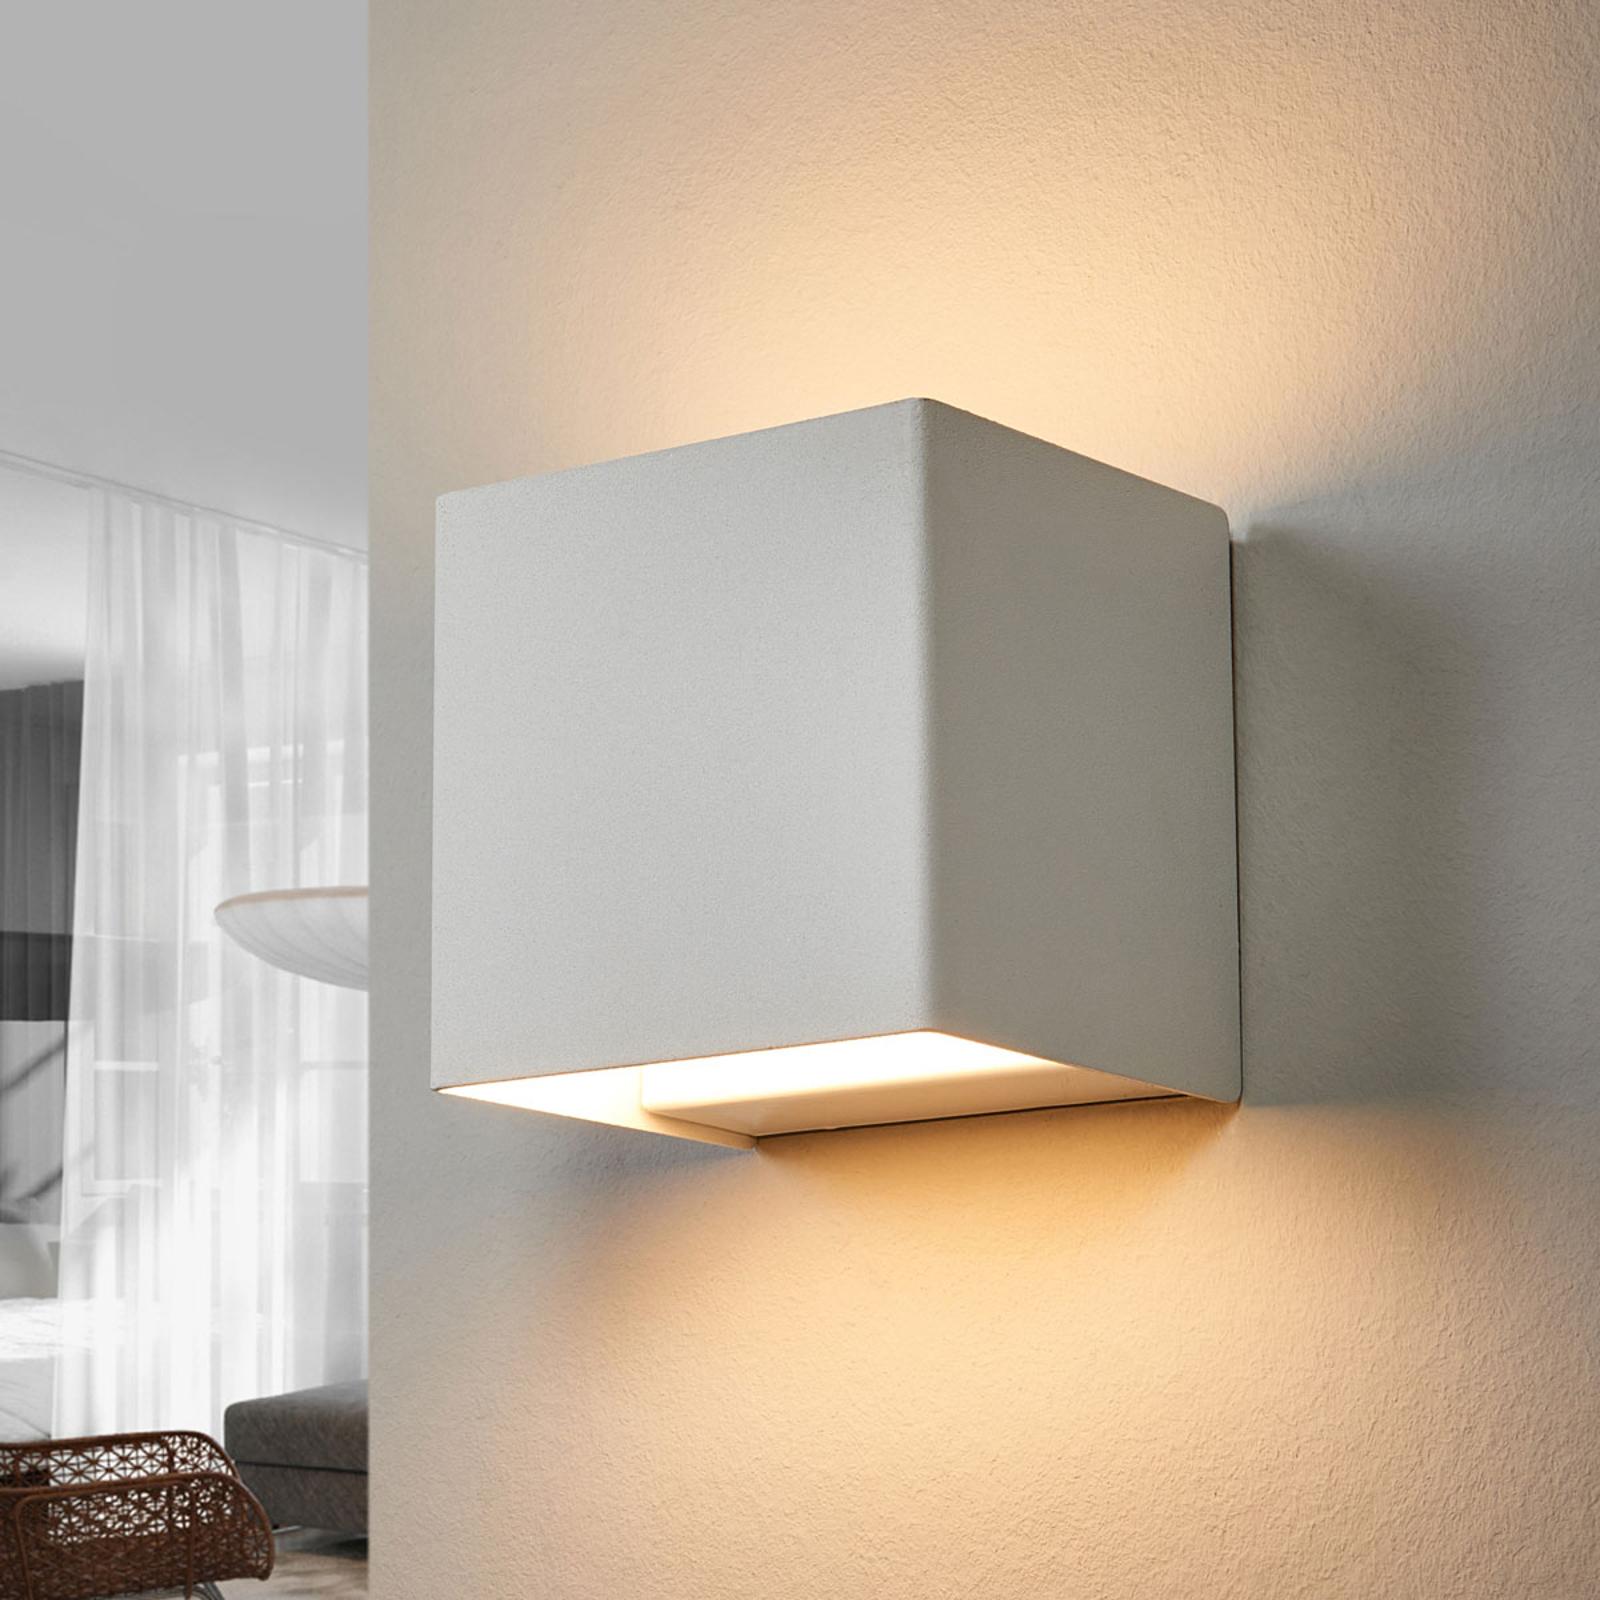 LED-Wandleuchte Kimberly, 9x9cm, weiß